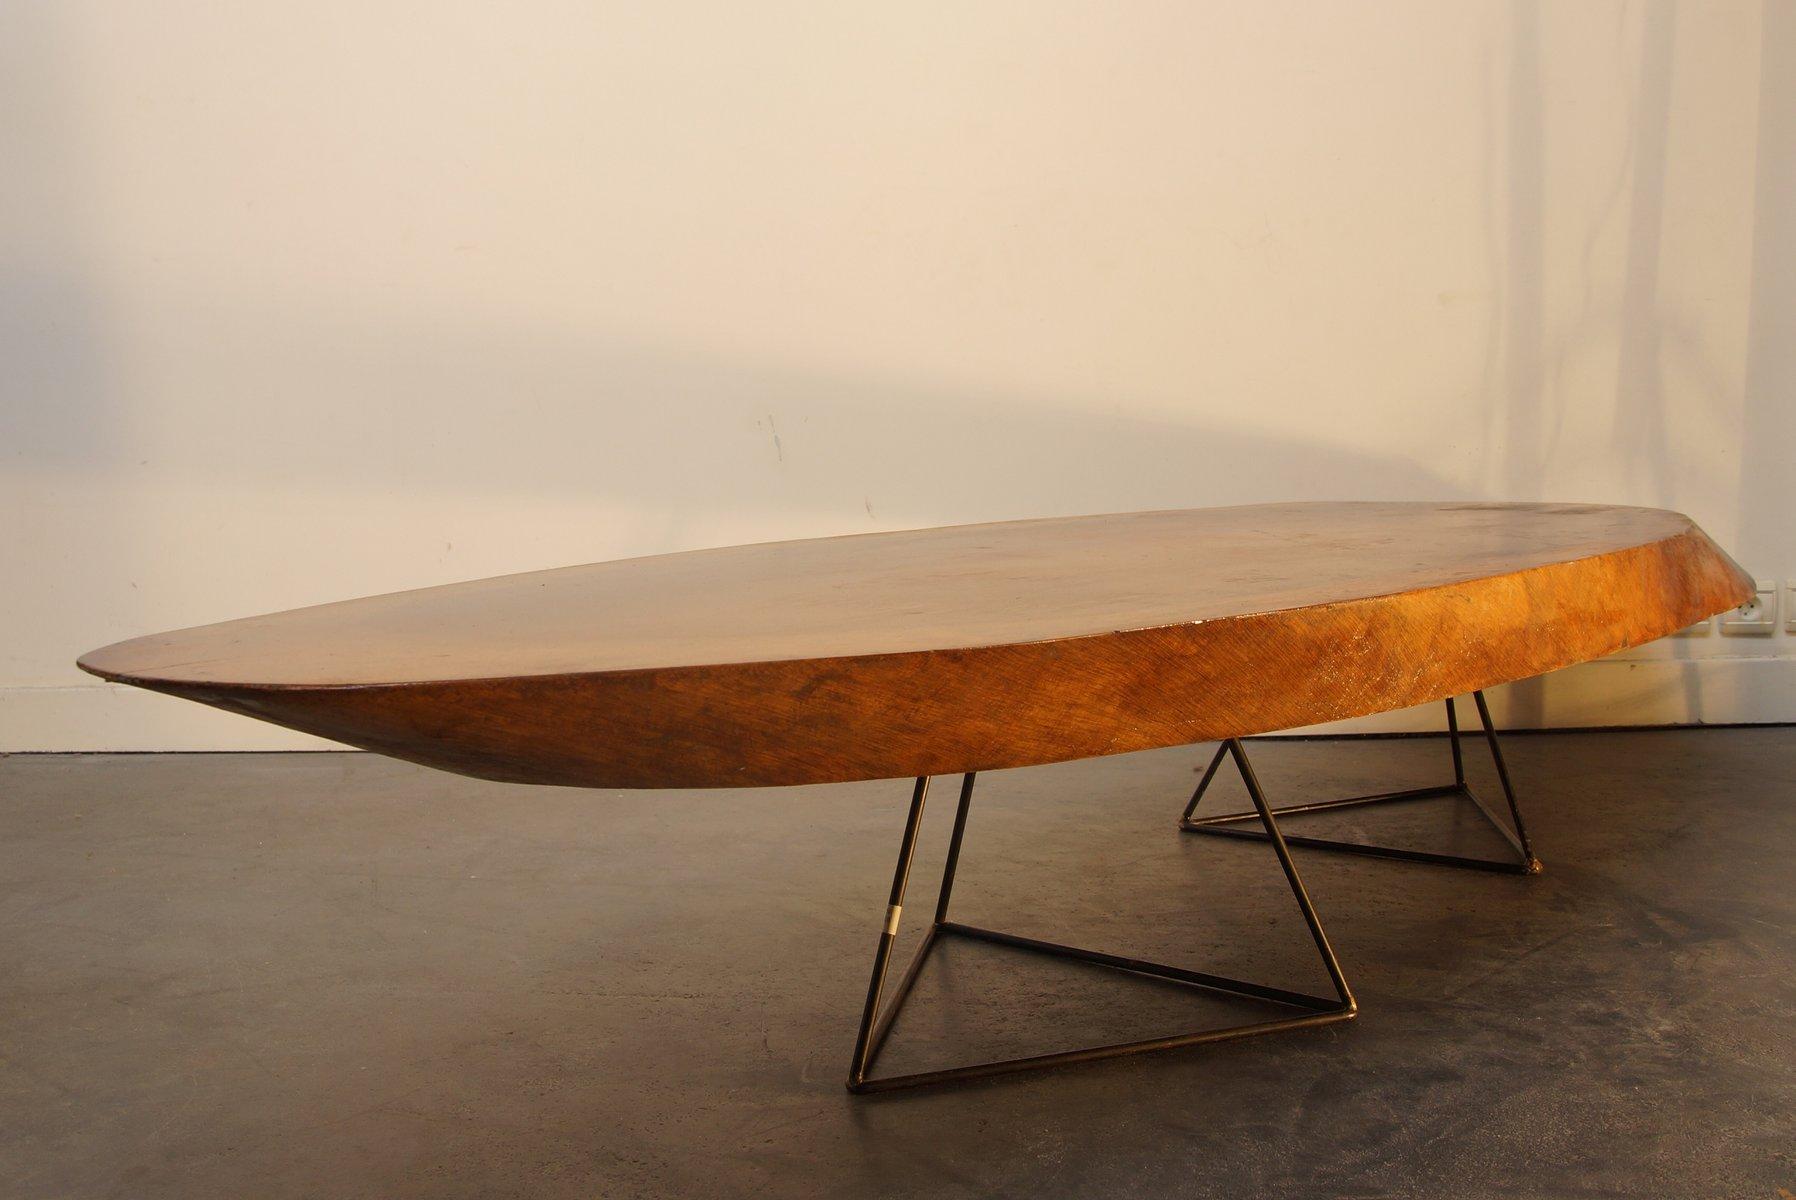 Table basse souche darbre table duappoint original tronc - Table plateau tronc d arbre ...